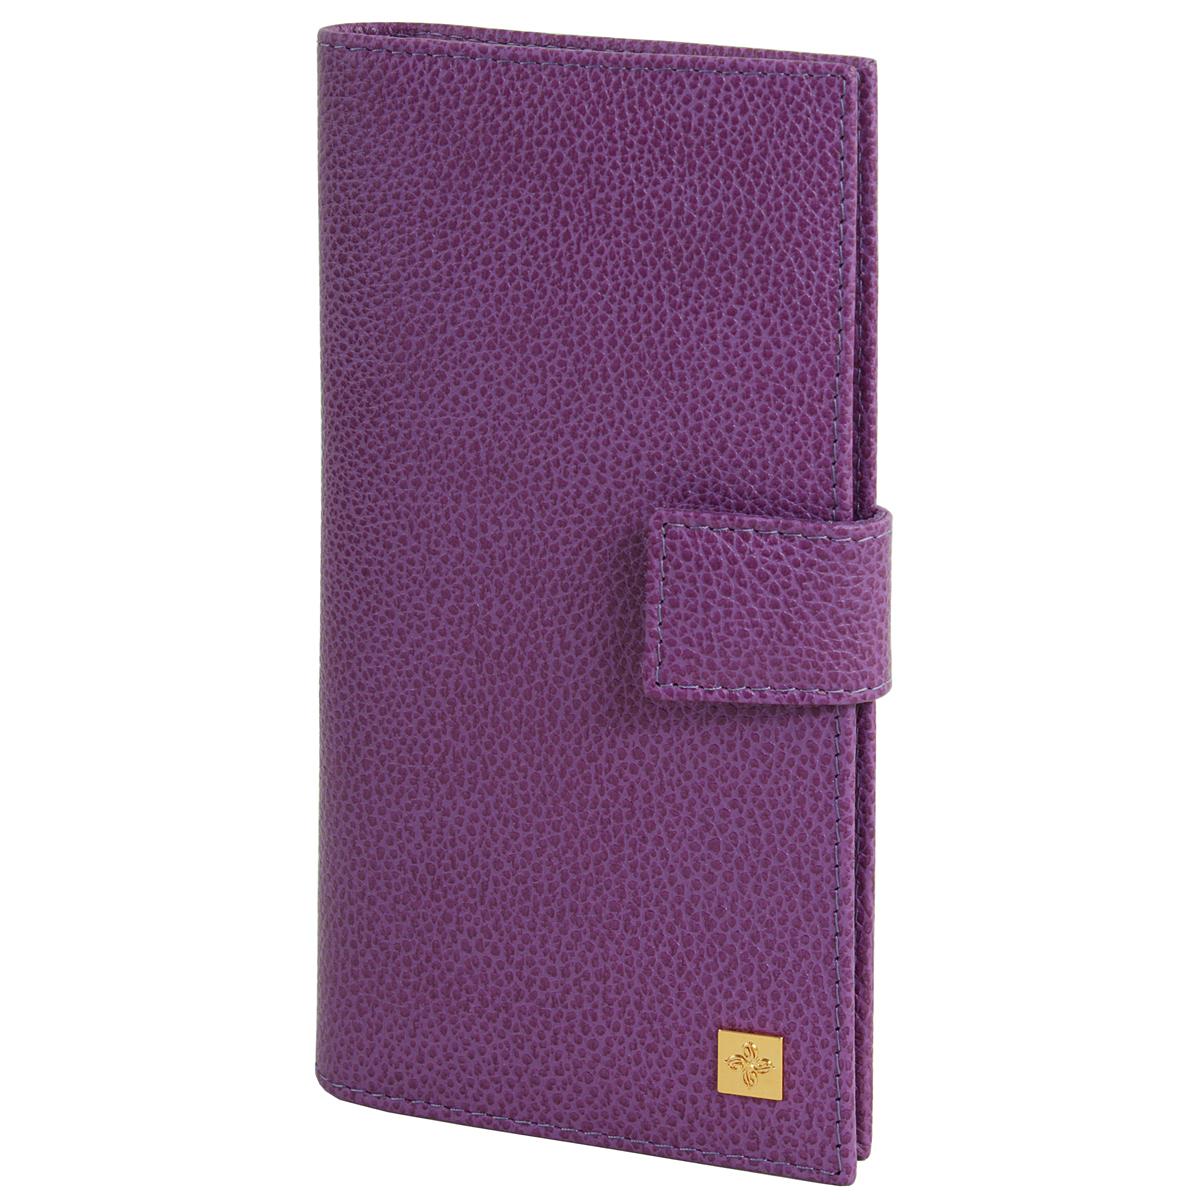 Портмоне женское Optima Dimanche Purpur, цвет: пурпурный. 107107Стильное женское портмоне Optima выполнено из высококачественной натуральной кожи с тиснением. Портмоне закрывается при помощи хлястика на кнопку. Внутри - четыре отделения для купюр, одиннадцать кармашков для визиток, карман на молнии для монет и два кармашка для sim-карт. Портмоне упаковано в фирменную картонную коробку. Характеристики: Материал: натуральная кожа, текстиль, металл. Размер портмоне: 18,5 см х 8,5 см х 3 см. Цвет: пурпурный.